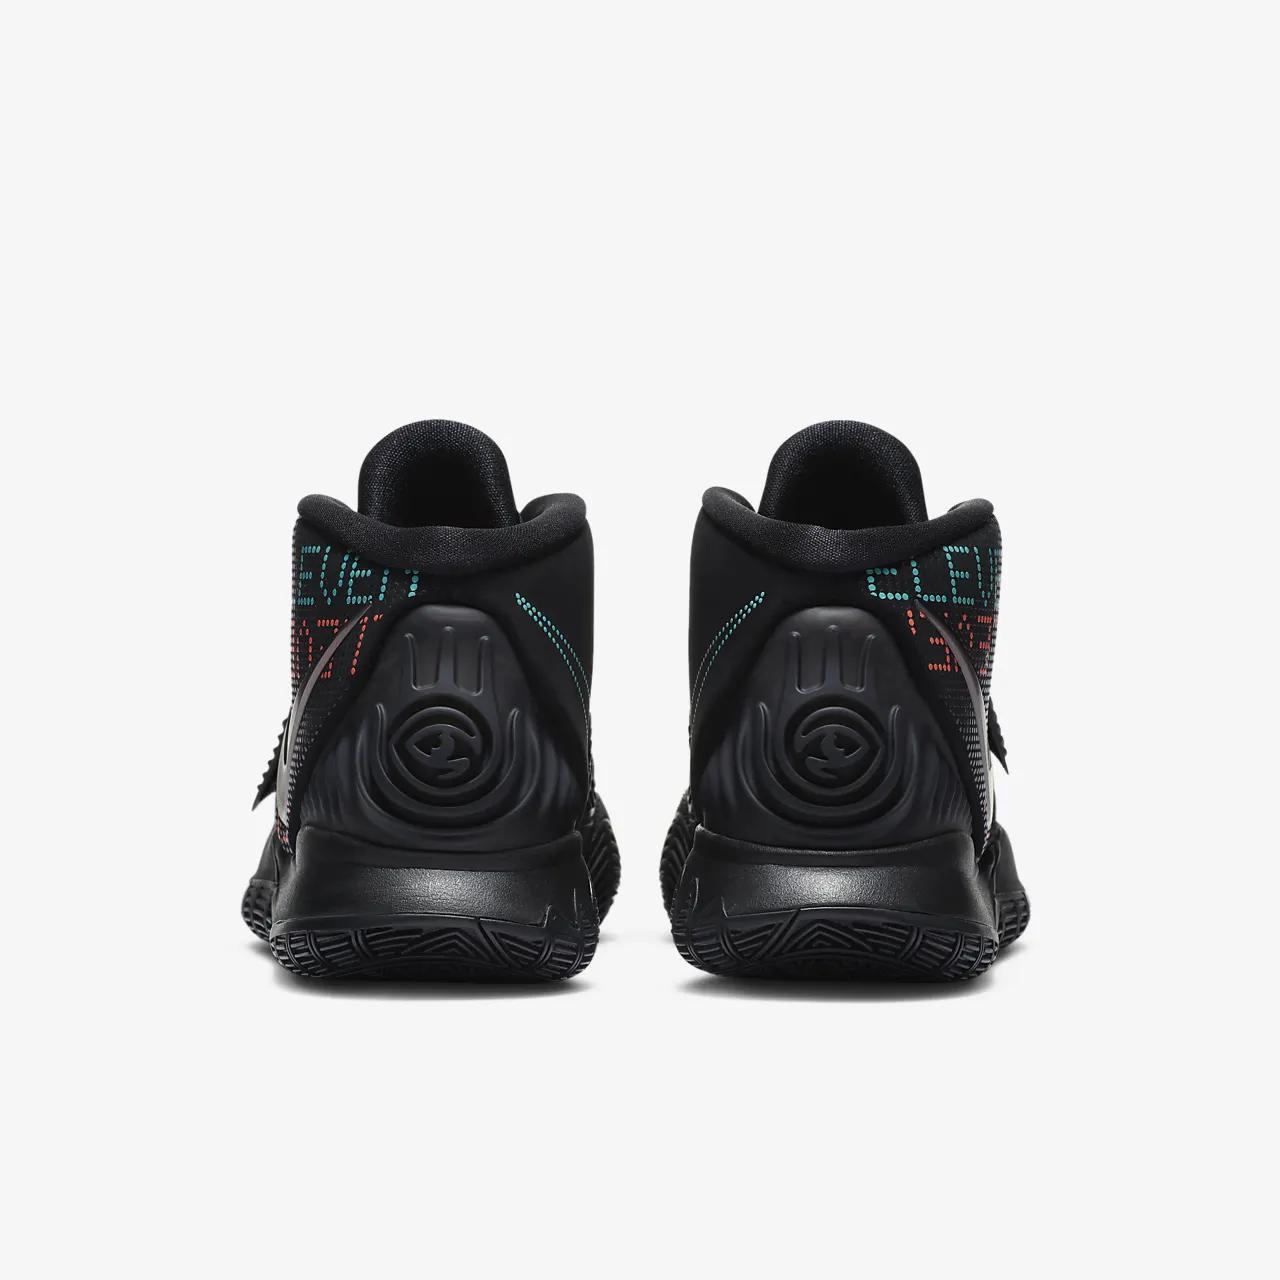 카이리 6 트리플 블랙 농구화 BQ4630-006